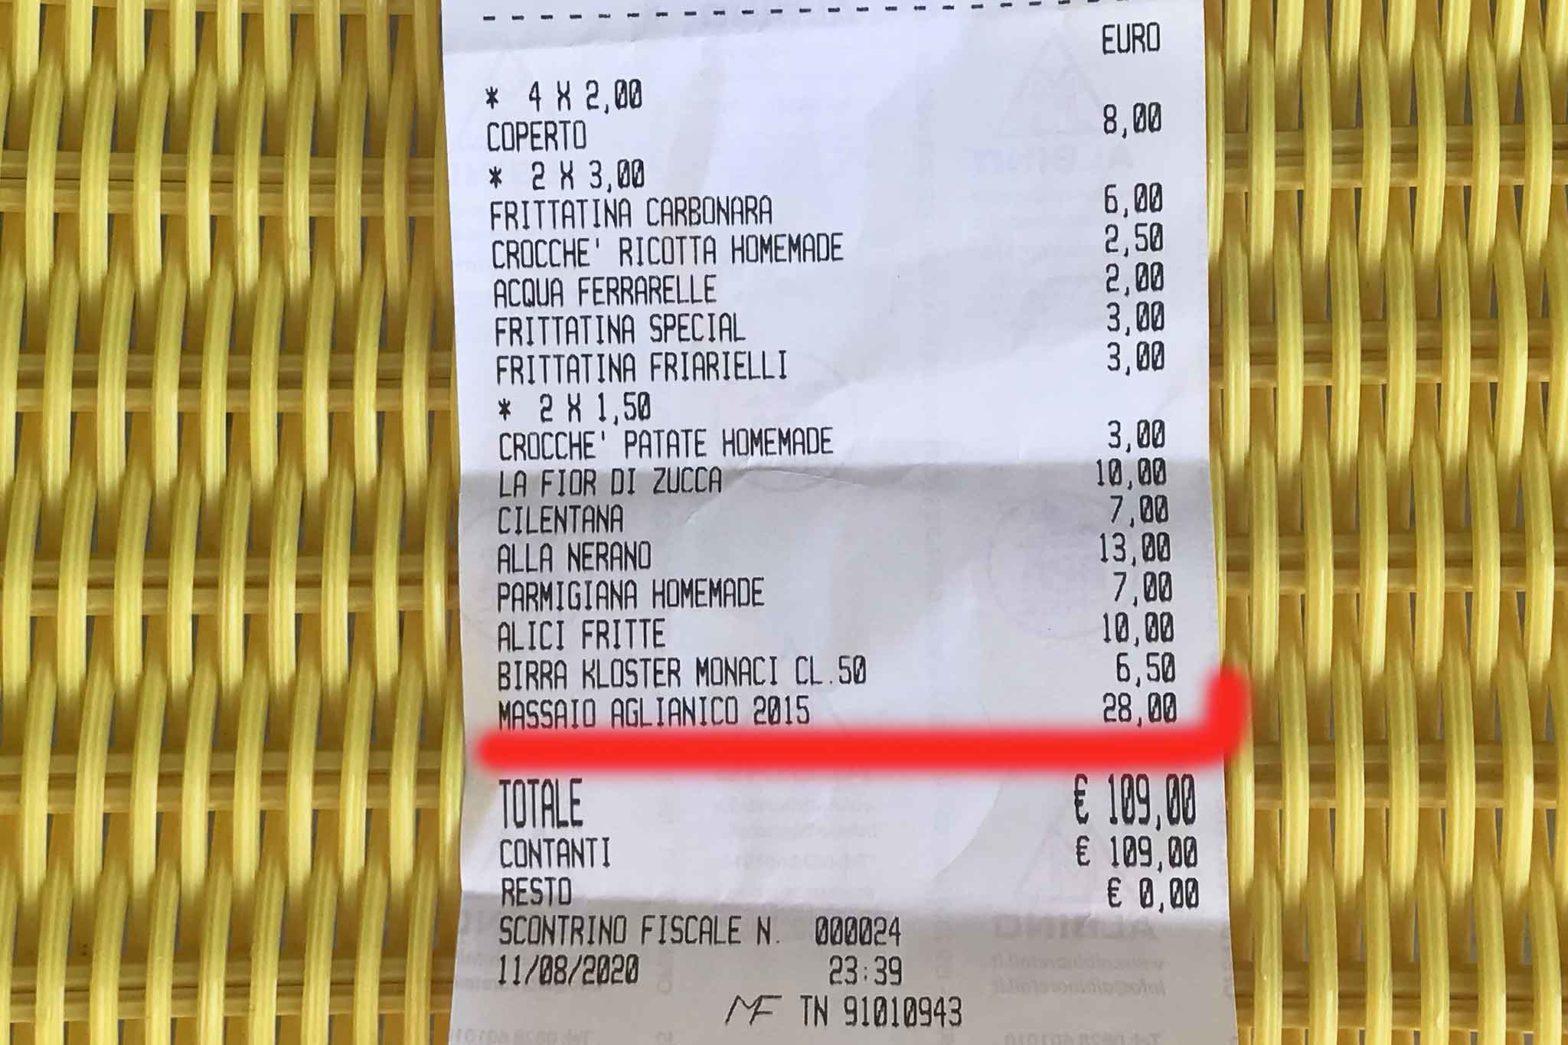 vino della casa scontrino 28 euro Acciaroli Cilento